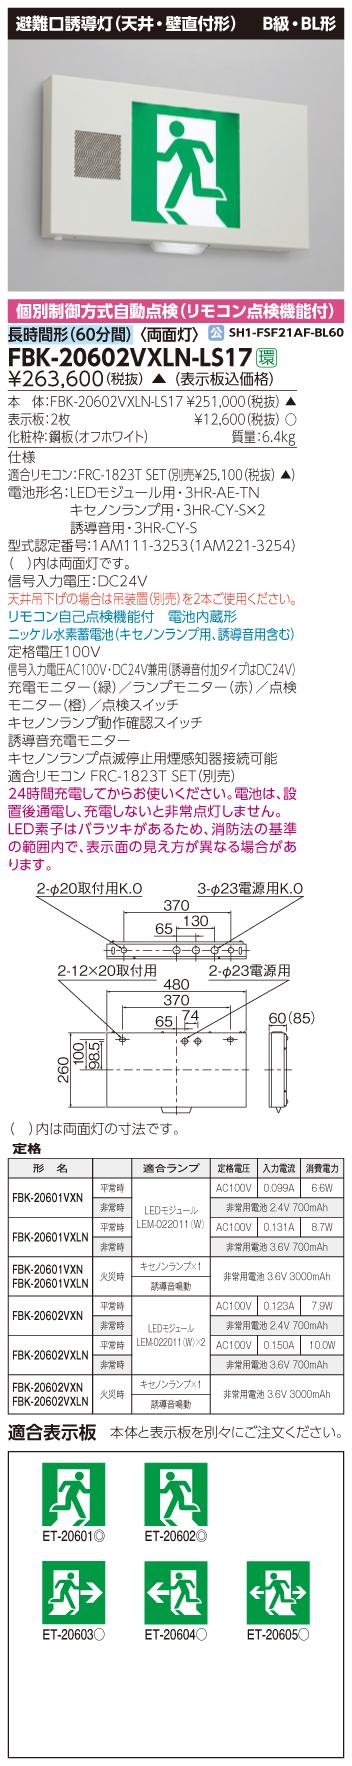 【法人様限定】東芝 FBK-20602VXLN-LS17 LED誘導灯 天井・壁直付形 天井吊下形 誘導音付加点滅形 電池内蔵 両面 B級BL形 長時間 【表示板別売】